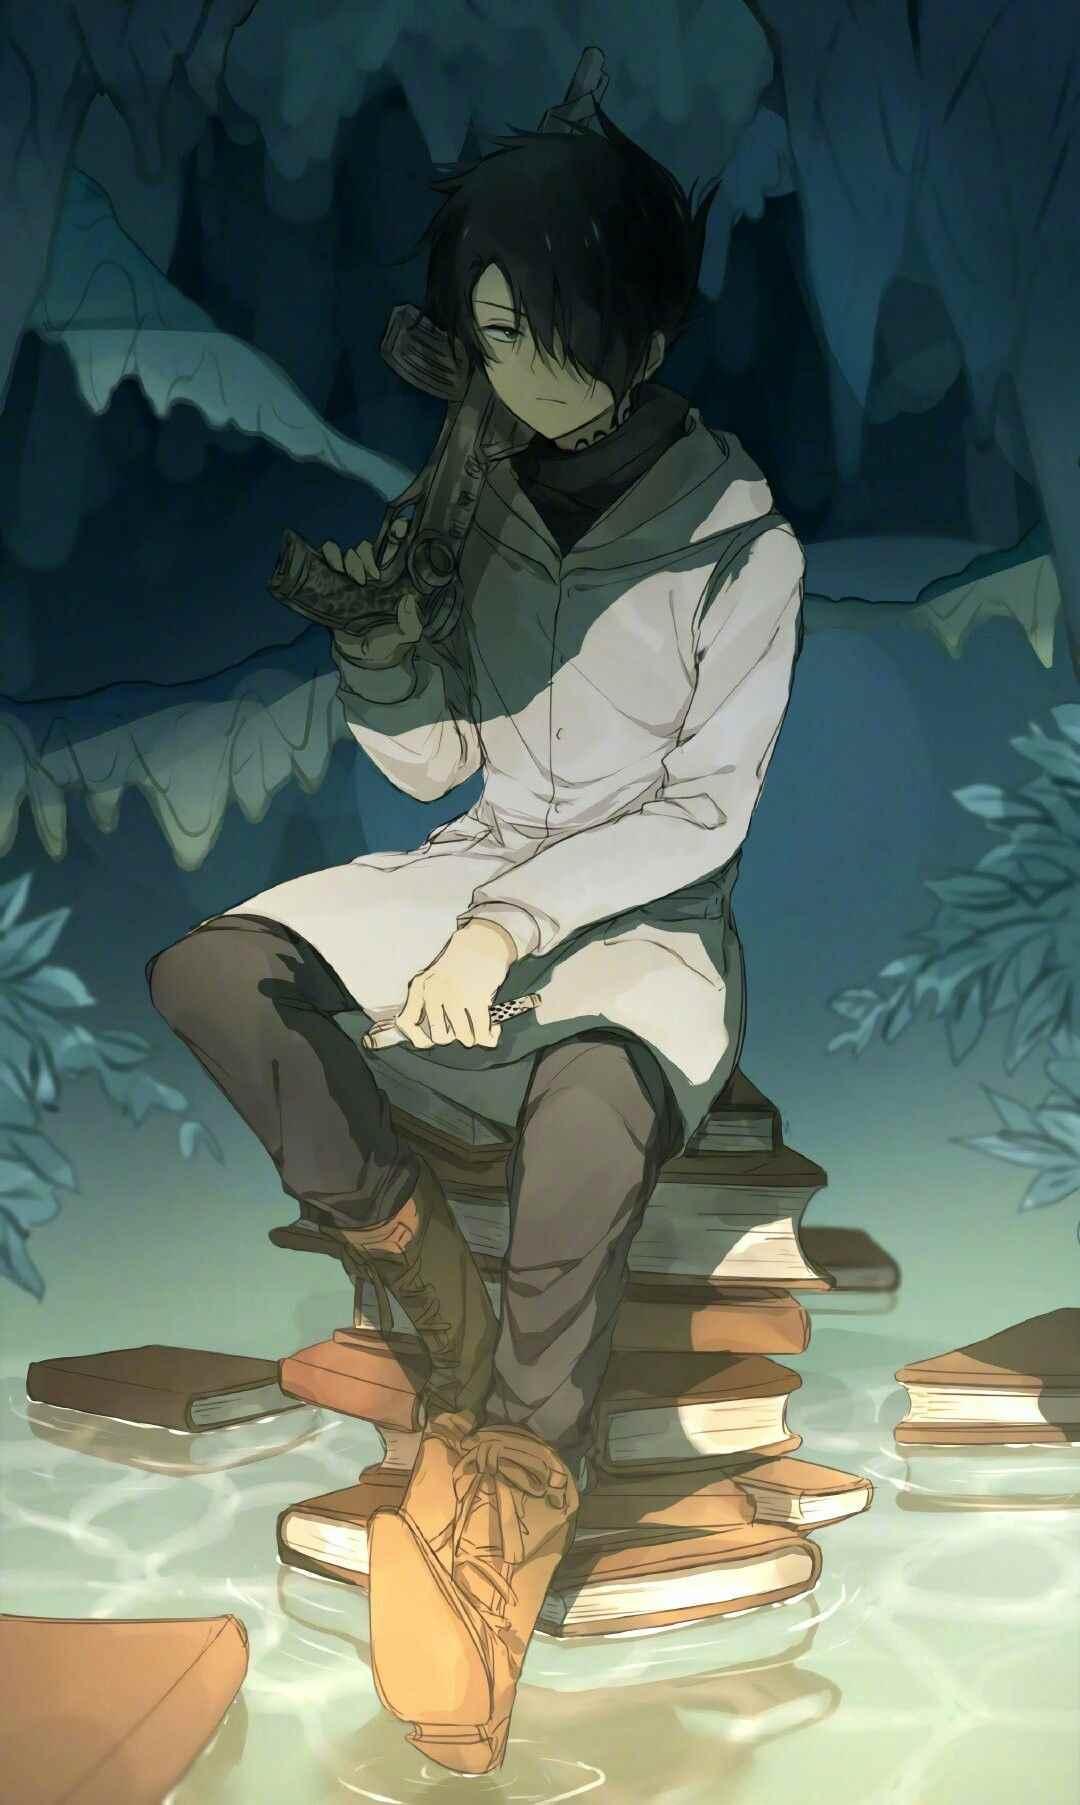 Картинки рей из аниме обещанный неверленд 13